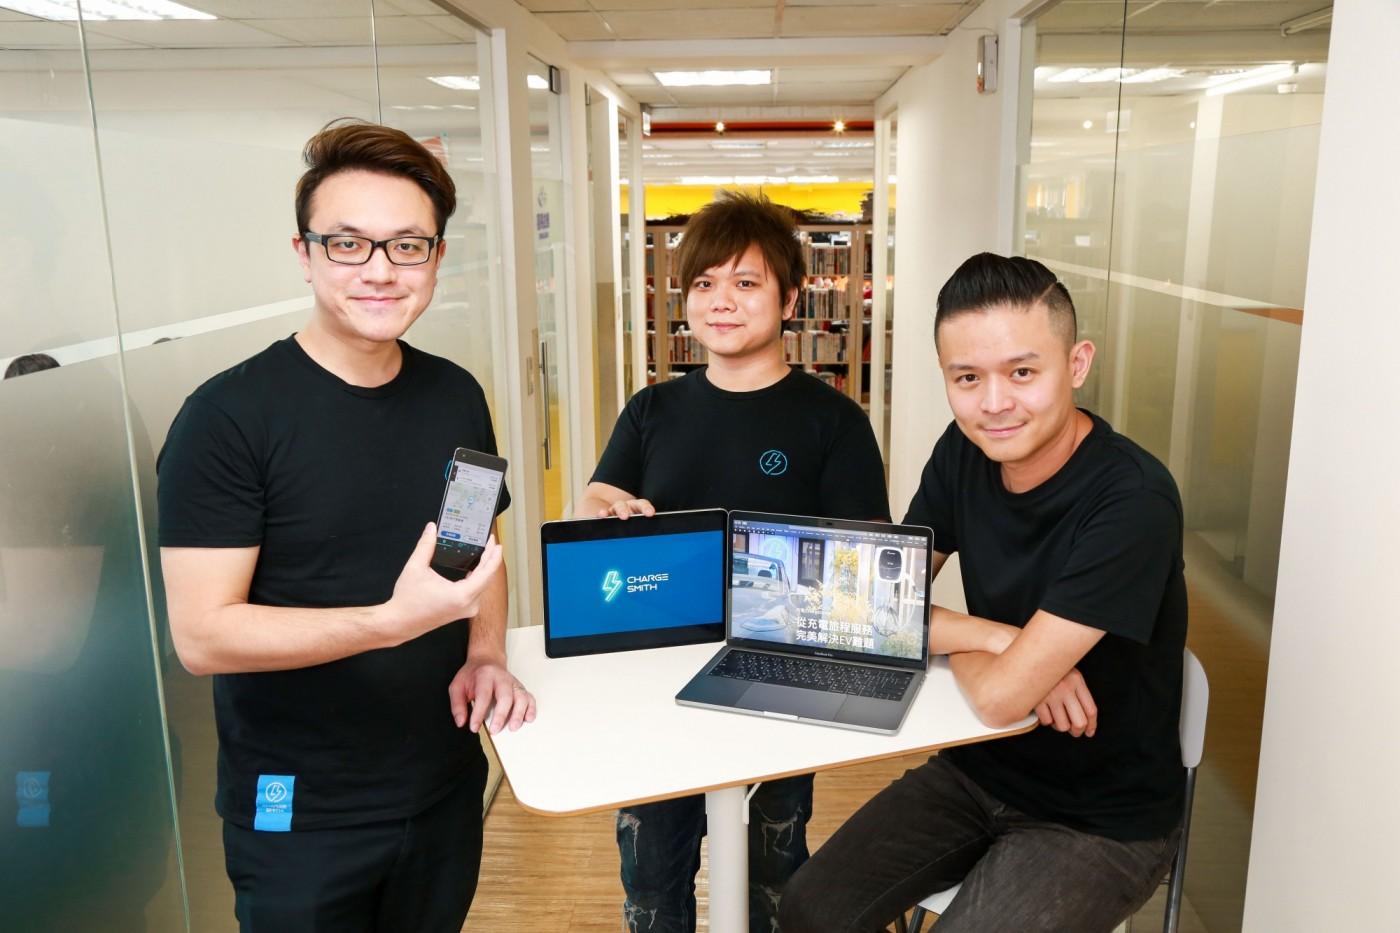 台灣用戶數最多的充電站服務平台!宅電用App與物聯網串起電動車生態